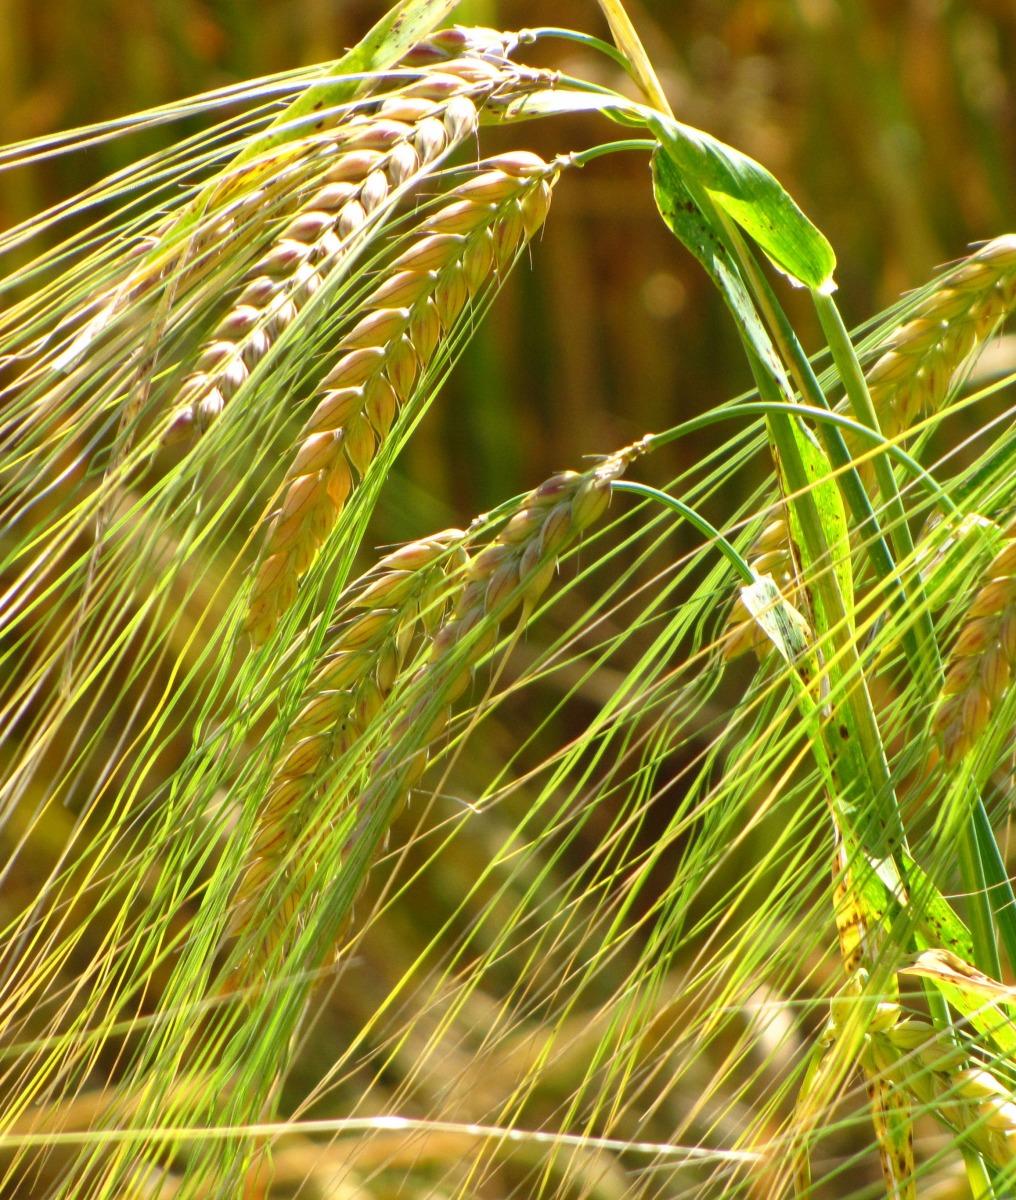 Unreife Gerstenpflanzen sind anfällig für Mehltau (Quelle: © Rainer Sturm / PIXELIO www.pixelio.de)